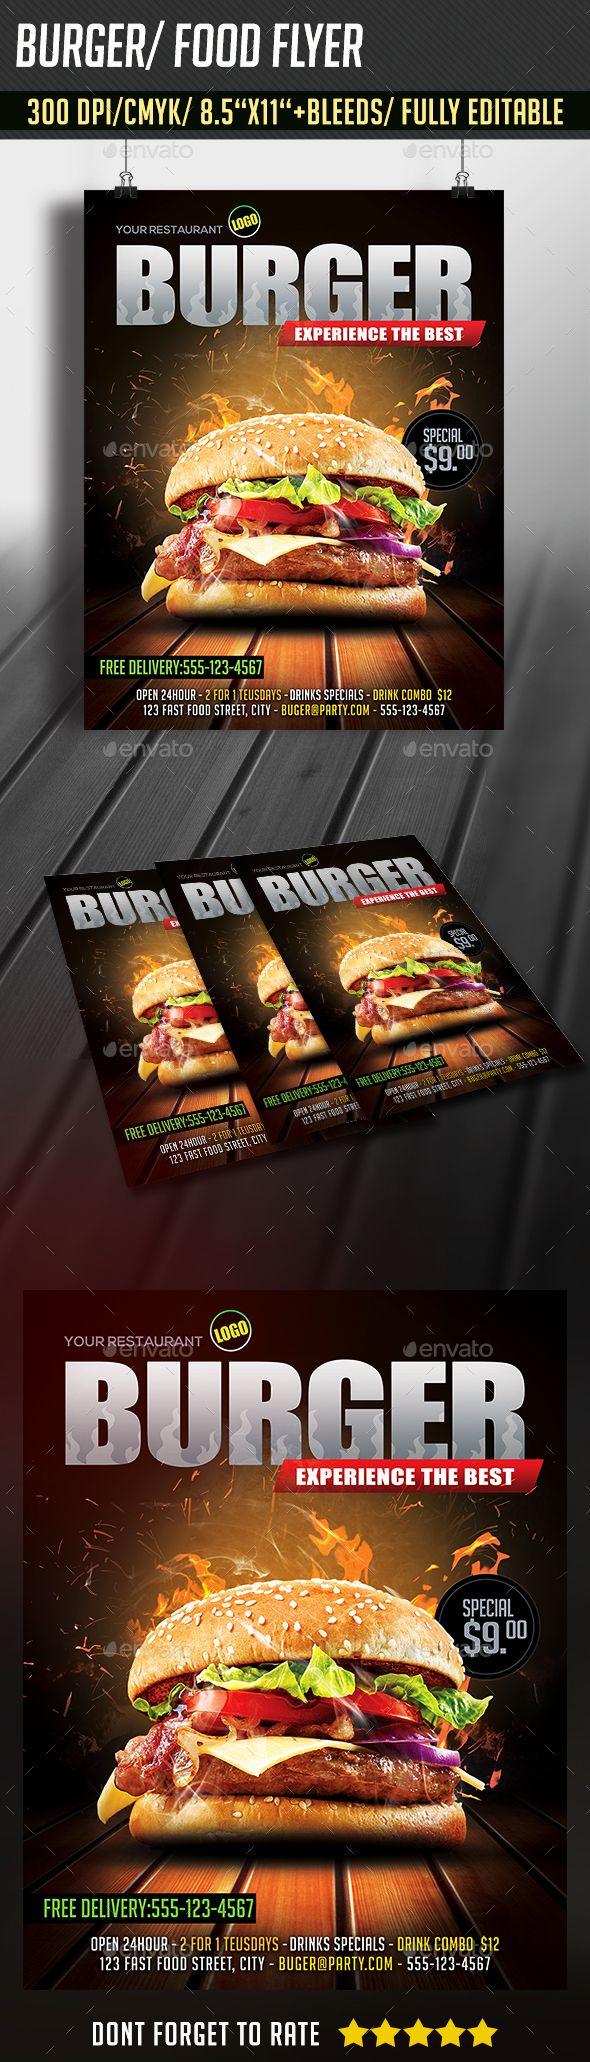 Burger/ Food Flyer